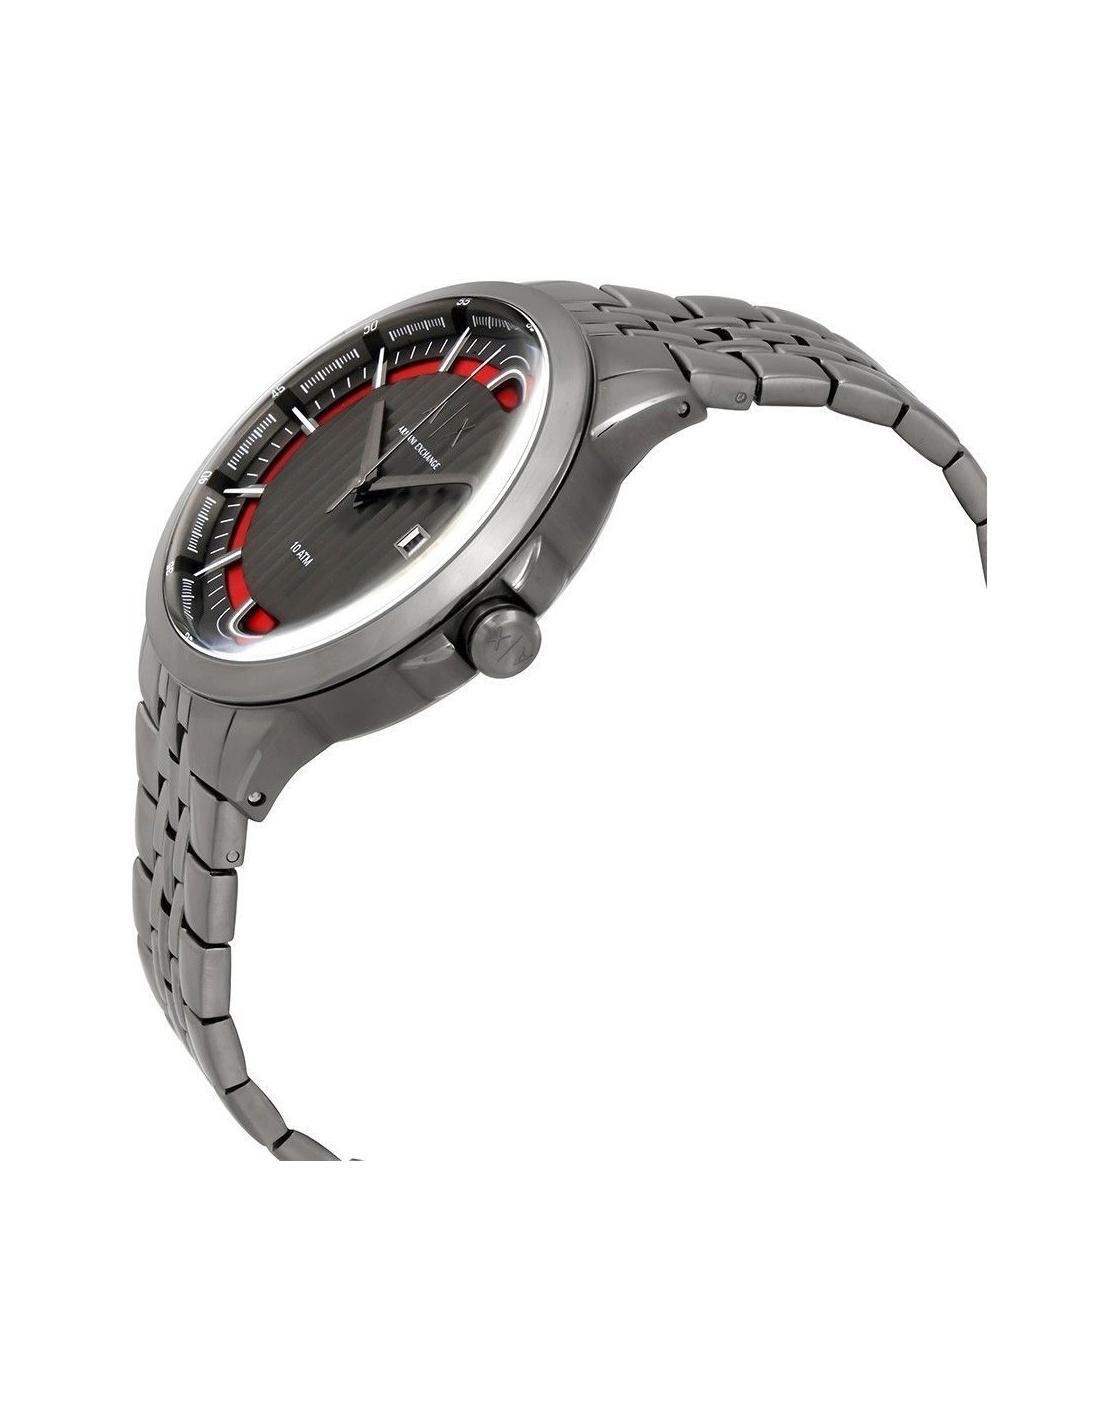 19354e3f34a6b ... Ceasuri bărbăteşti Armani Exchange · Ceas bărbătesc Armani Exchange  Smart AX2262. Pret redus